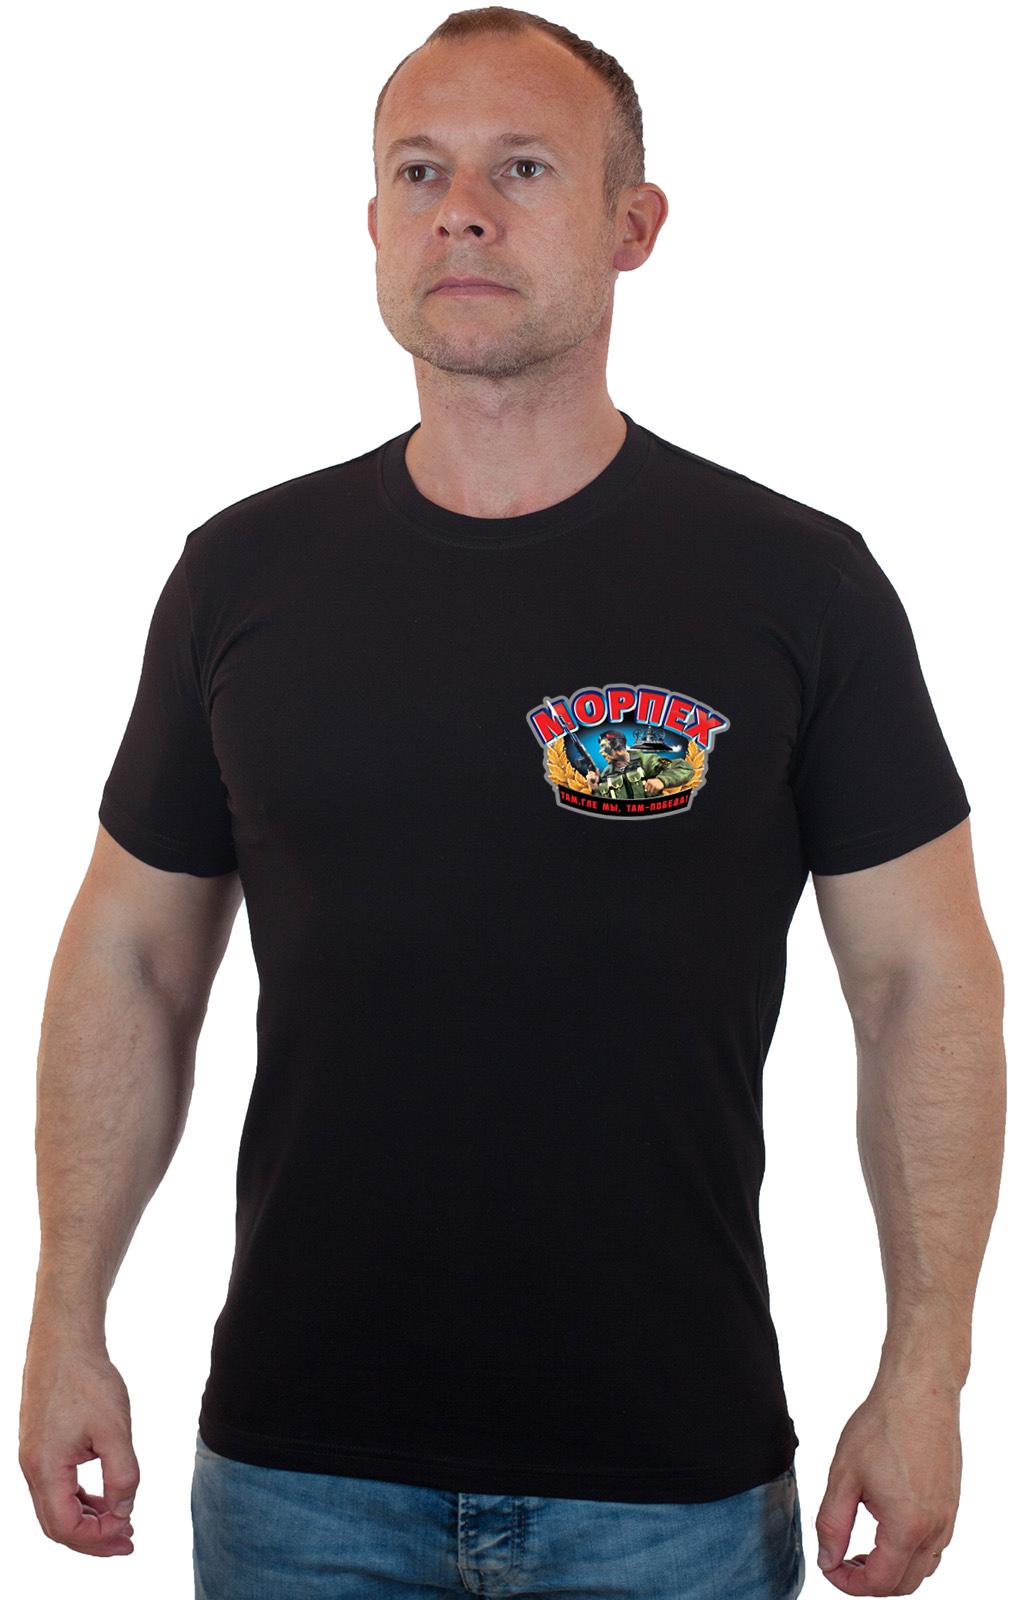 Заказать в интернете футболку морпеха